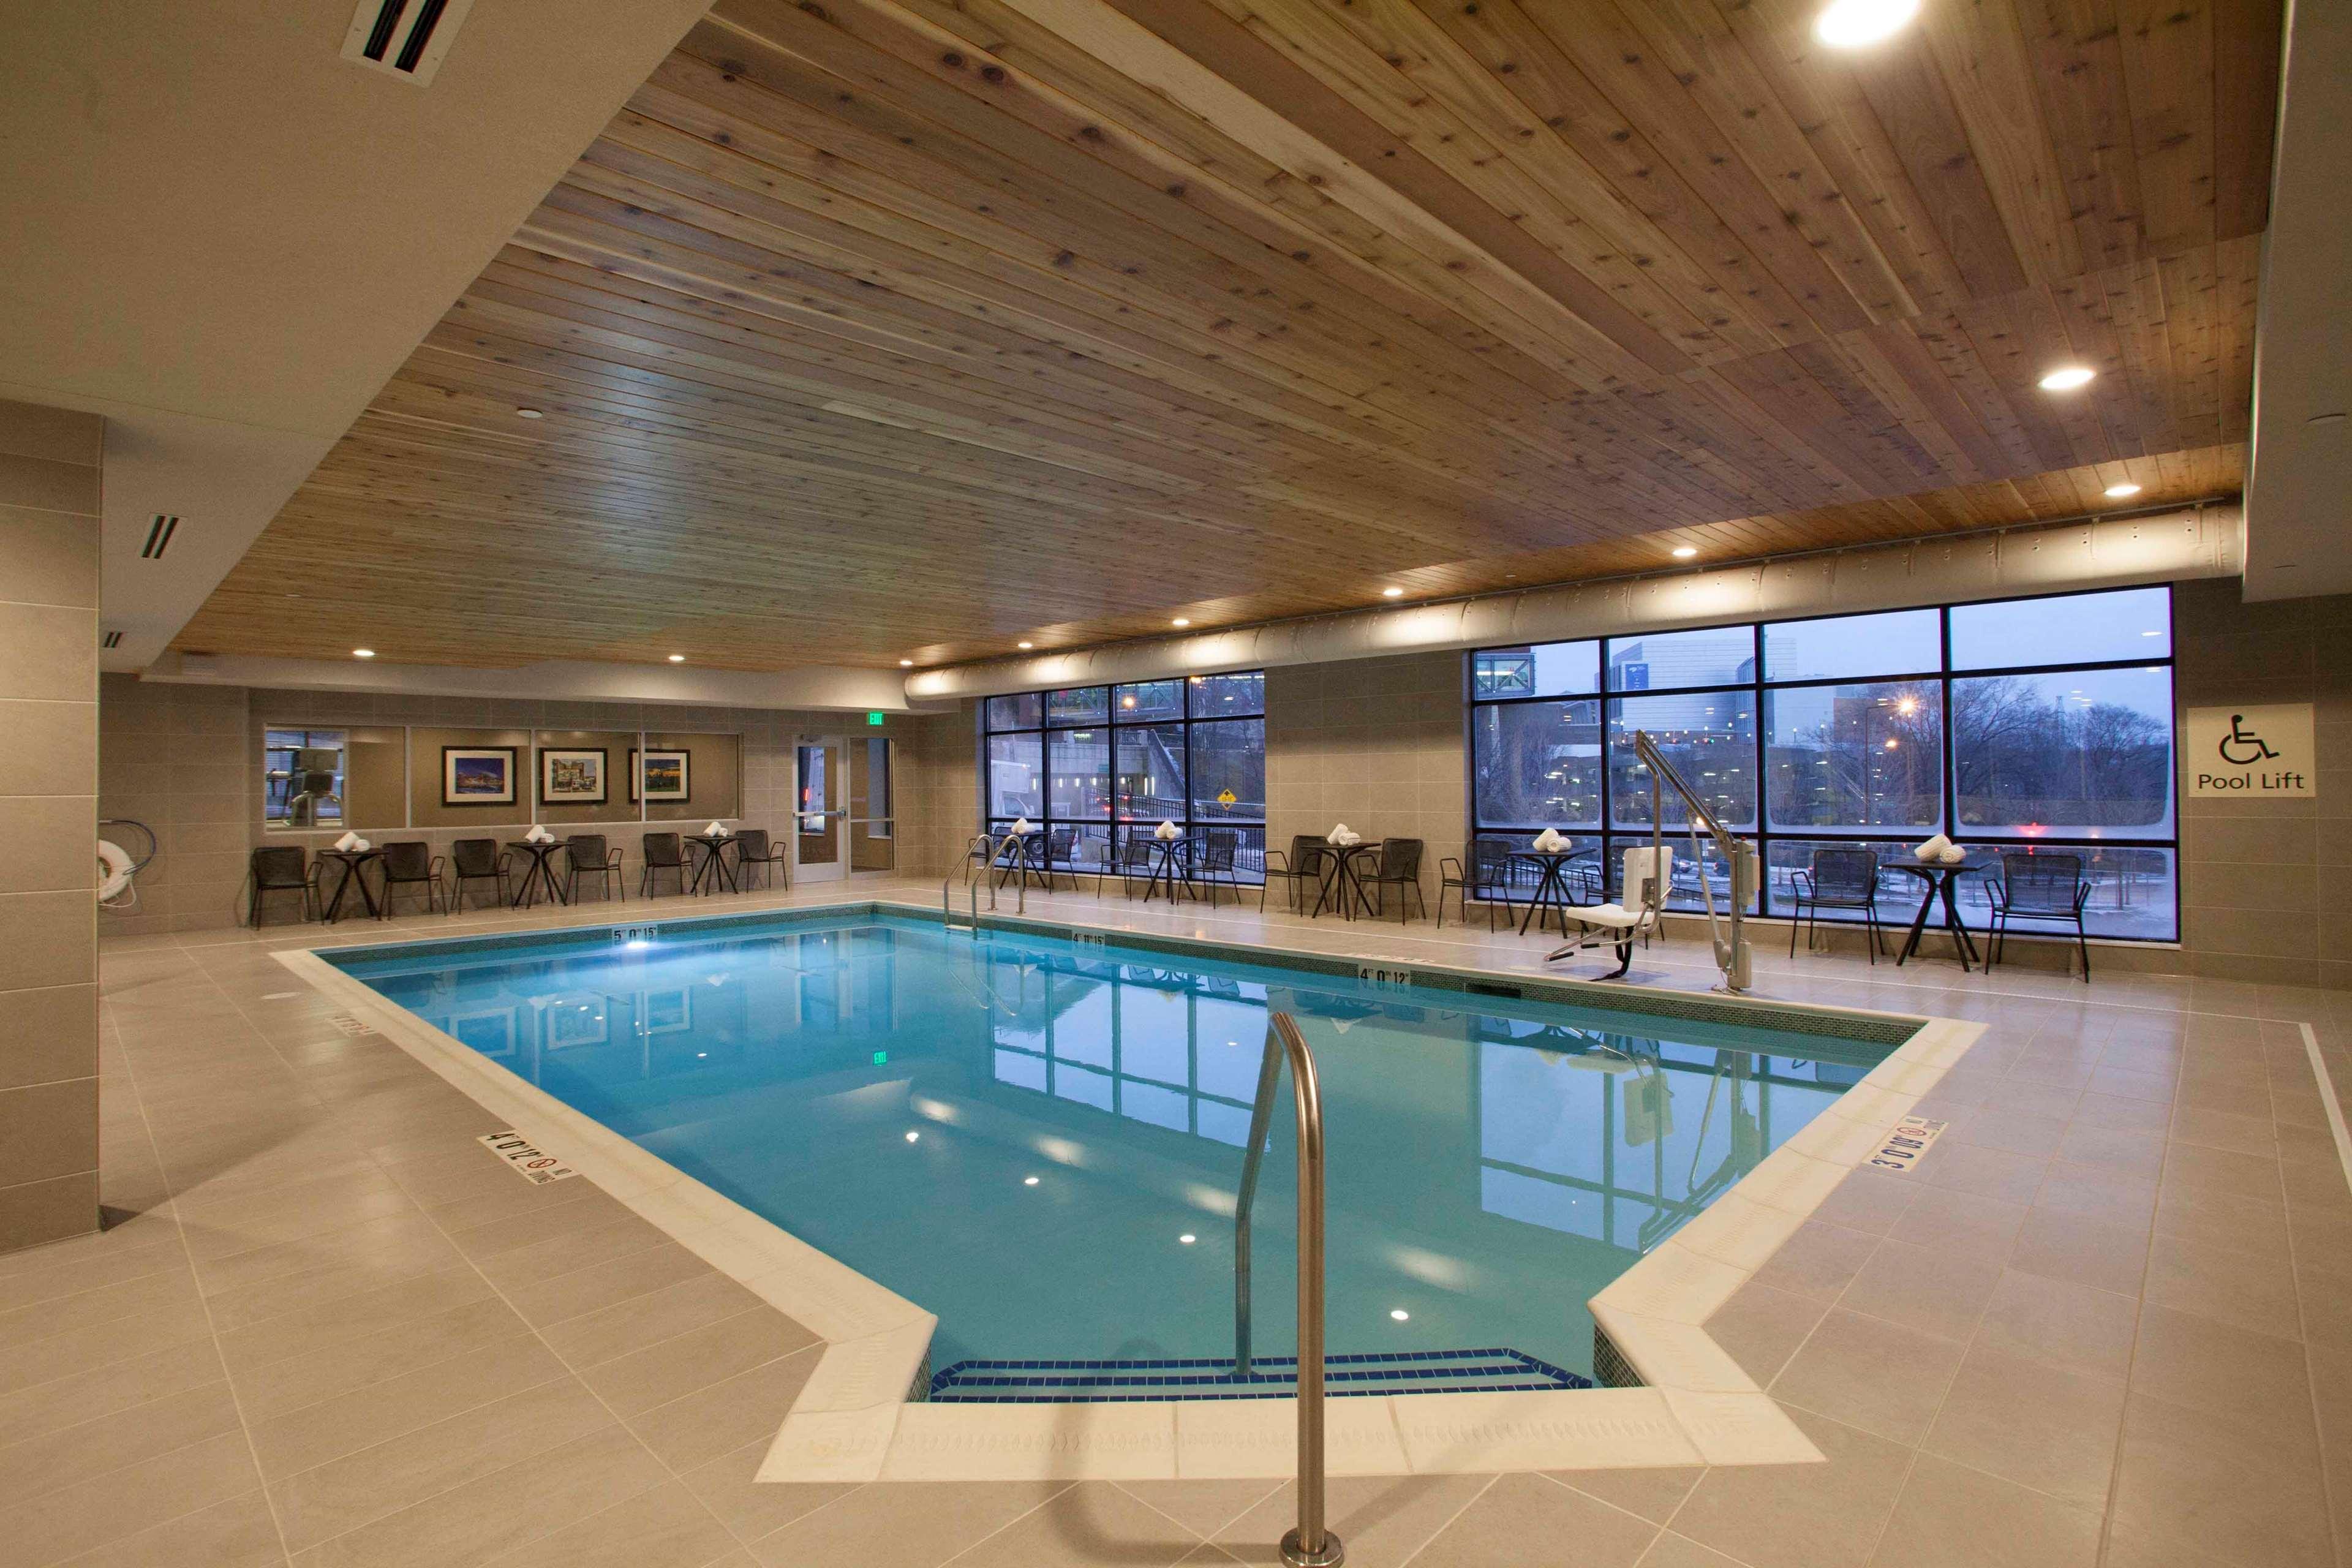 Hampton Inn & Suites Downtown St. Paul image 8